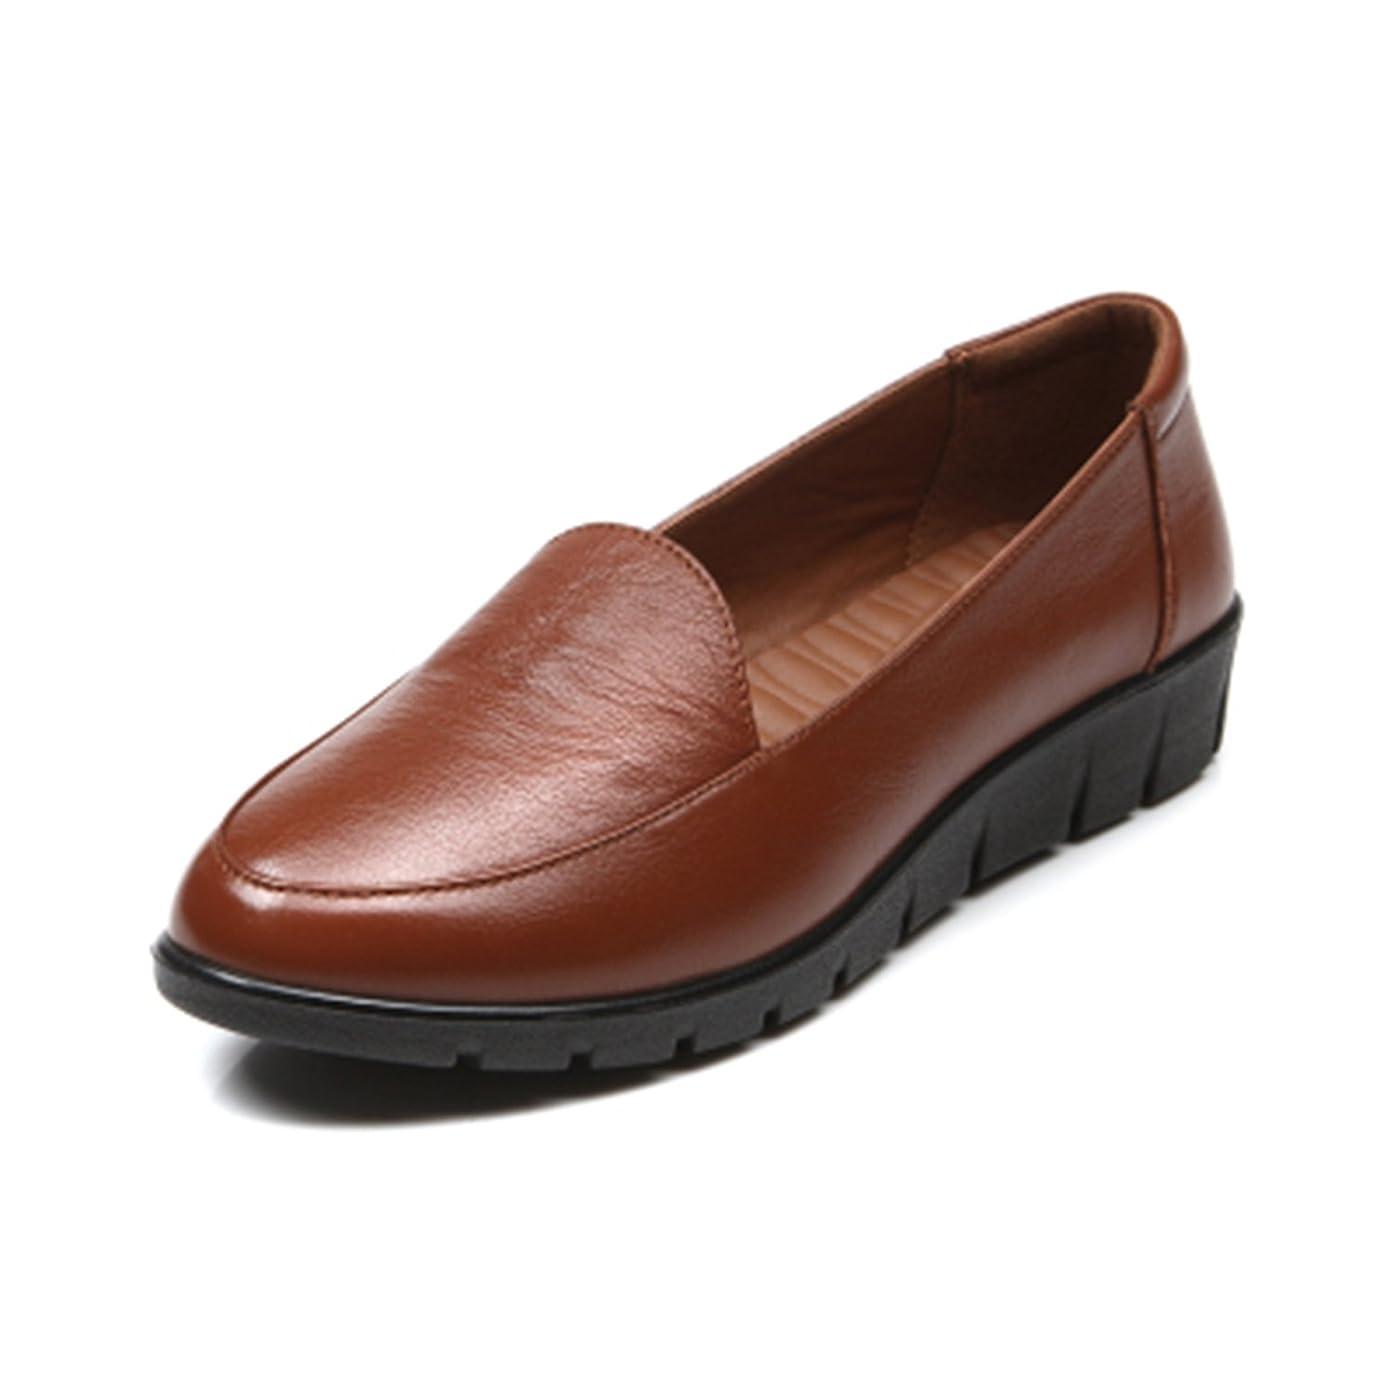 記事密接にリフレッシュ高級 本革靴 レディース デッキシューズ 4色 ウォーキング レザー